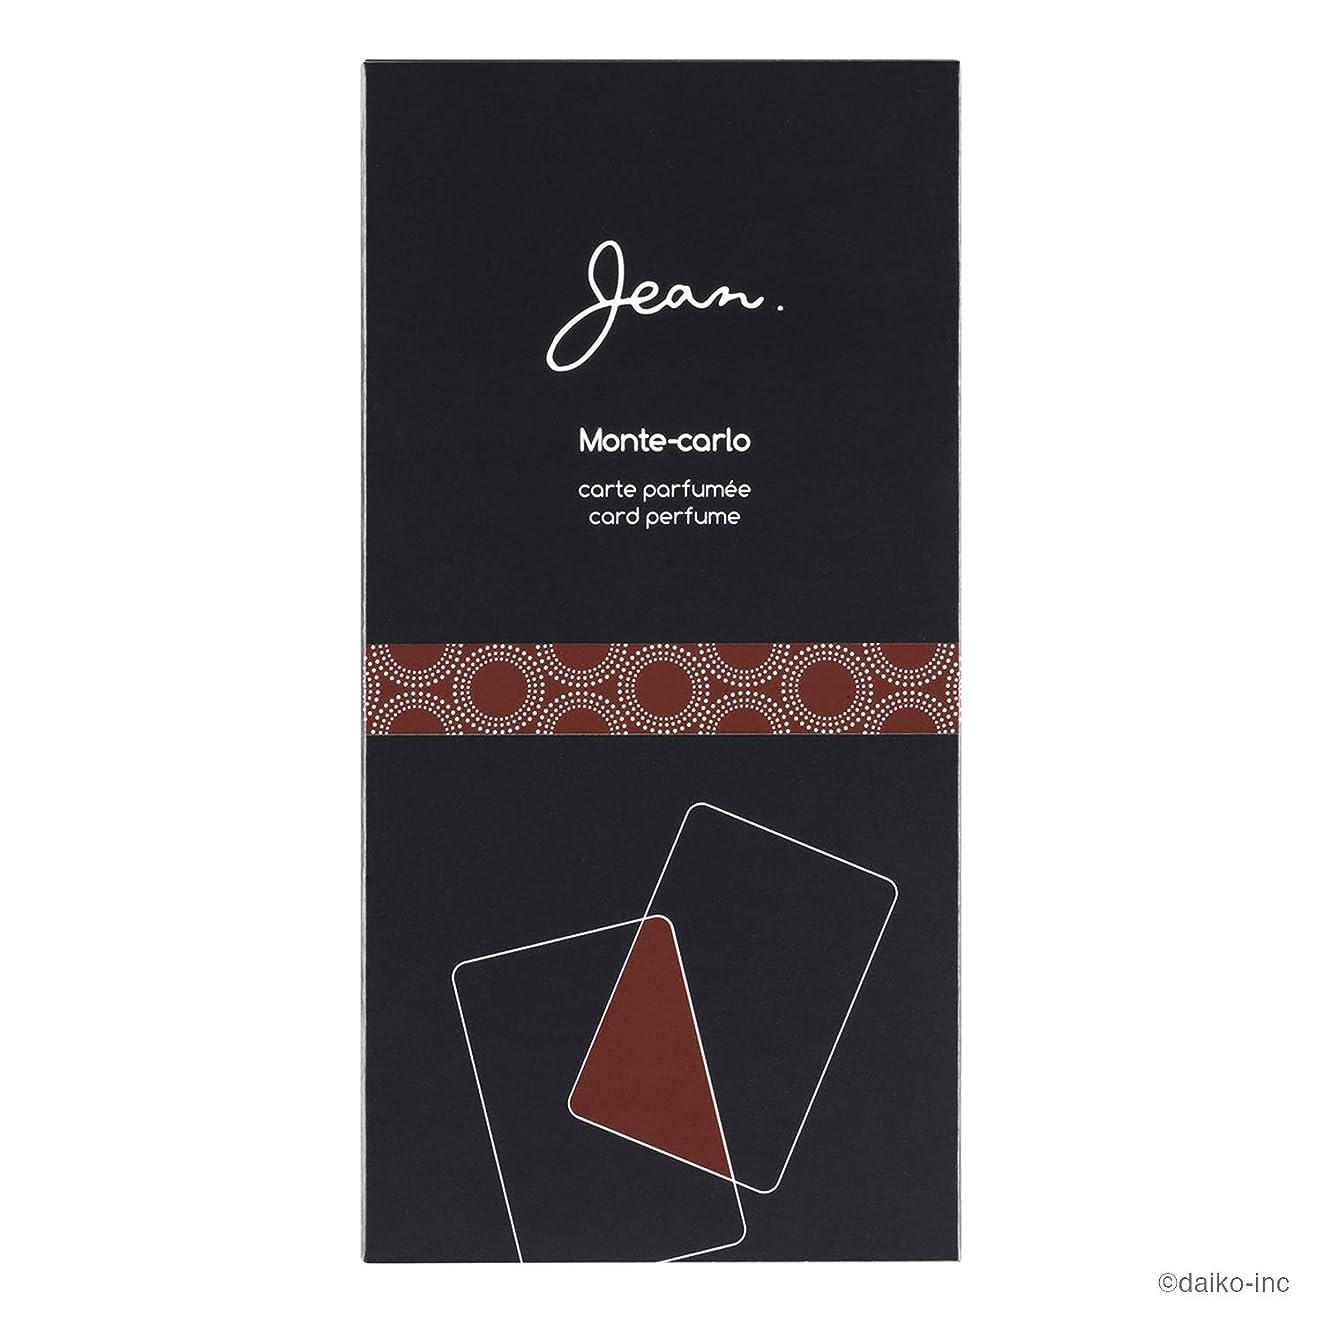 休眠満足させる驚Jean.カードパフューム モンテカルロ